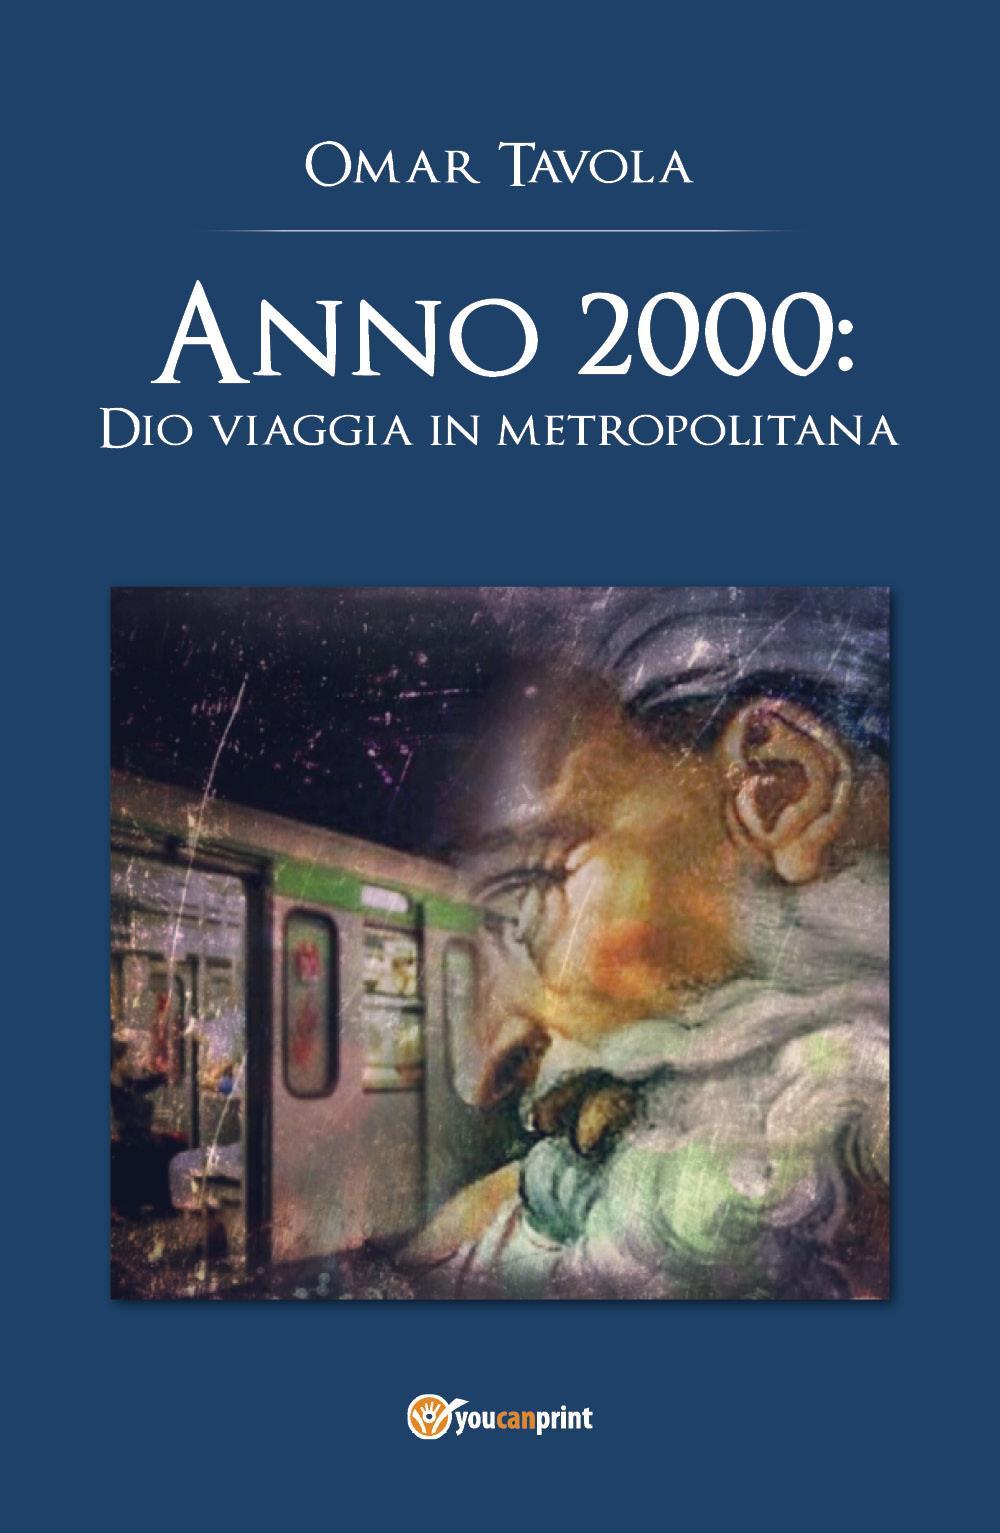 Anno 2000: Dio viaggia in metropolitana